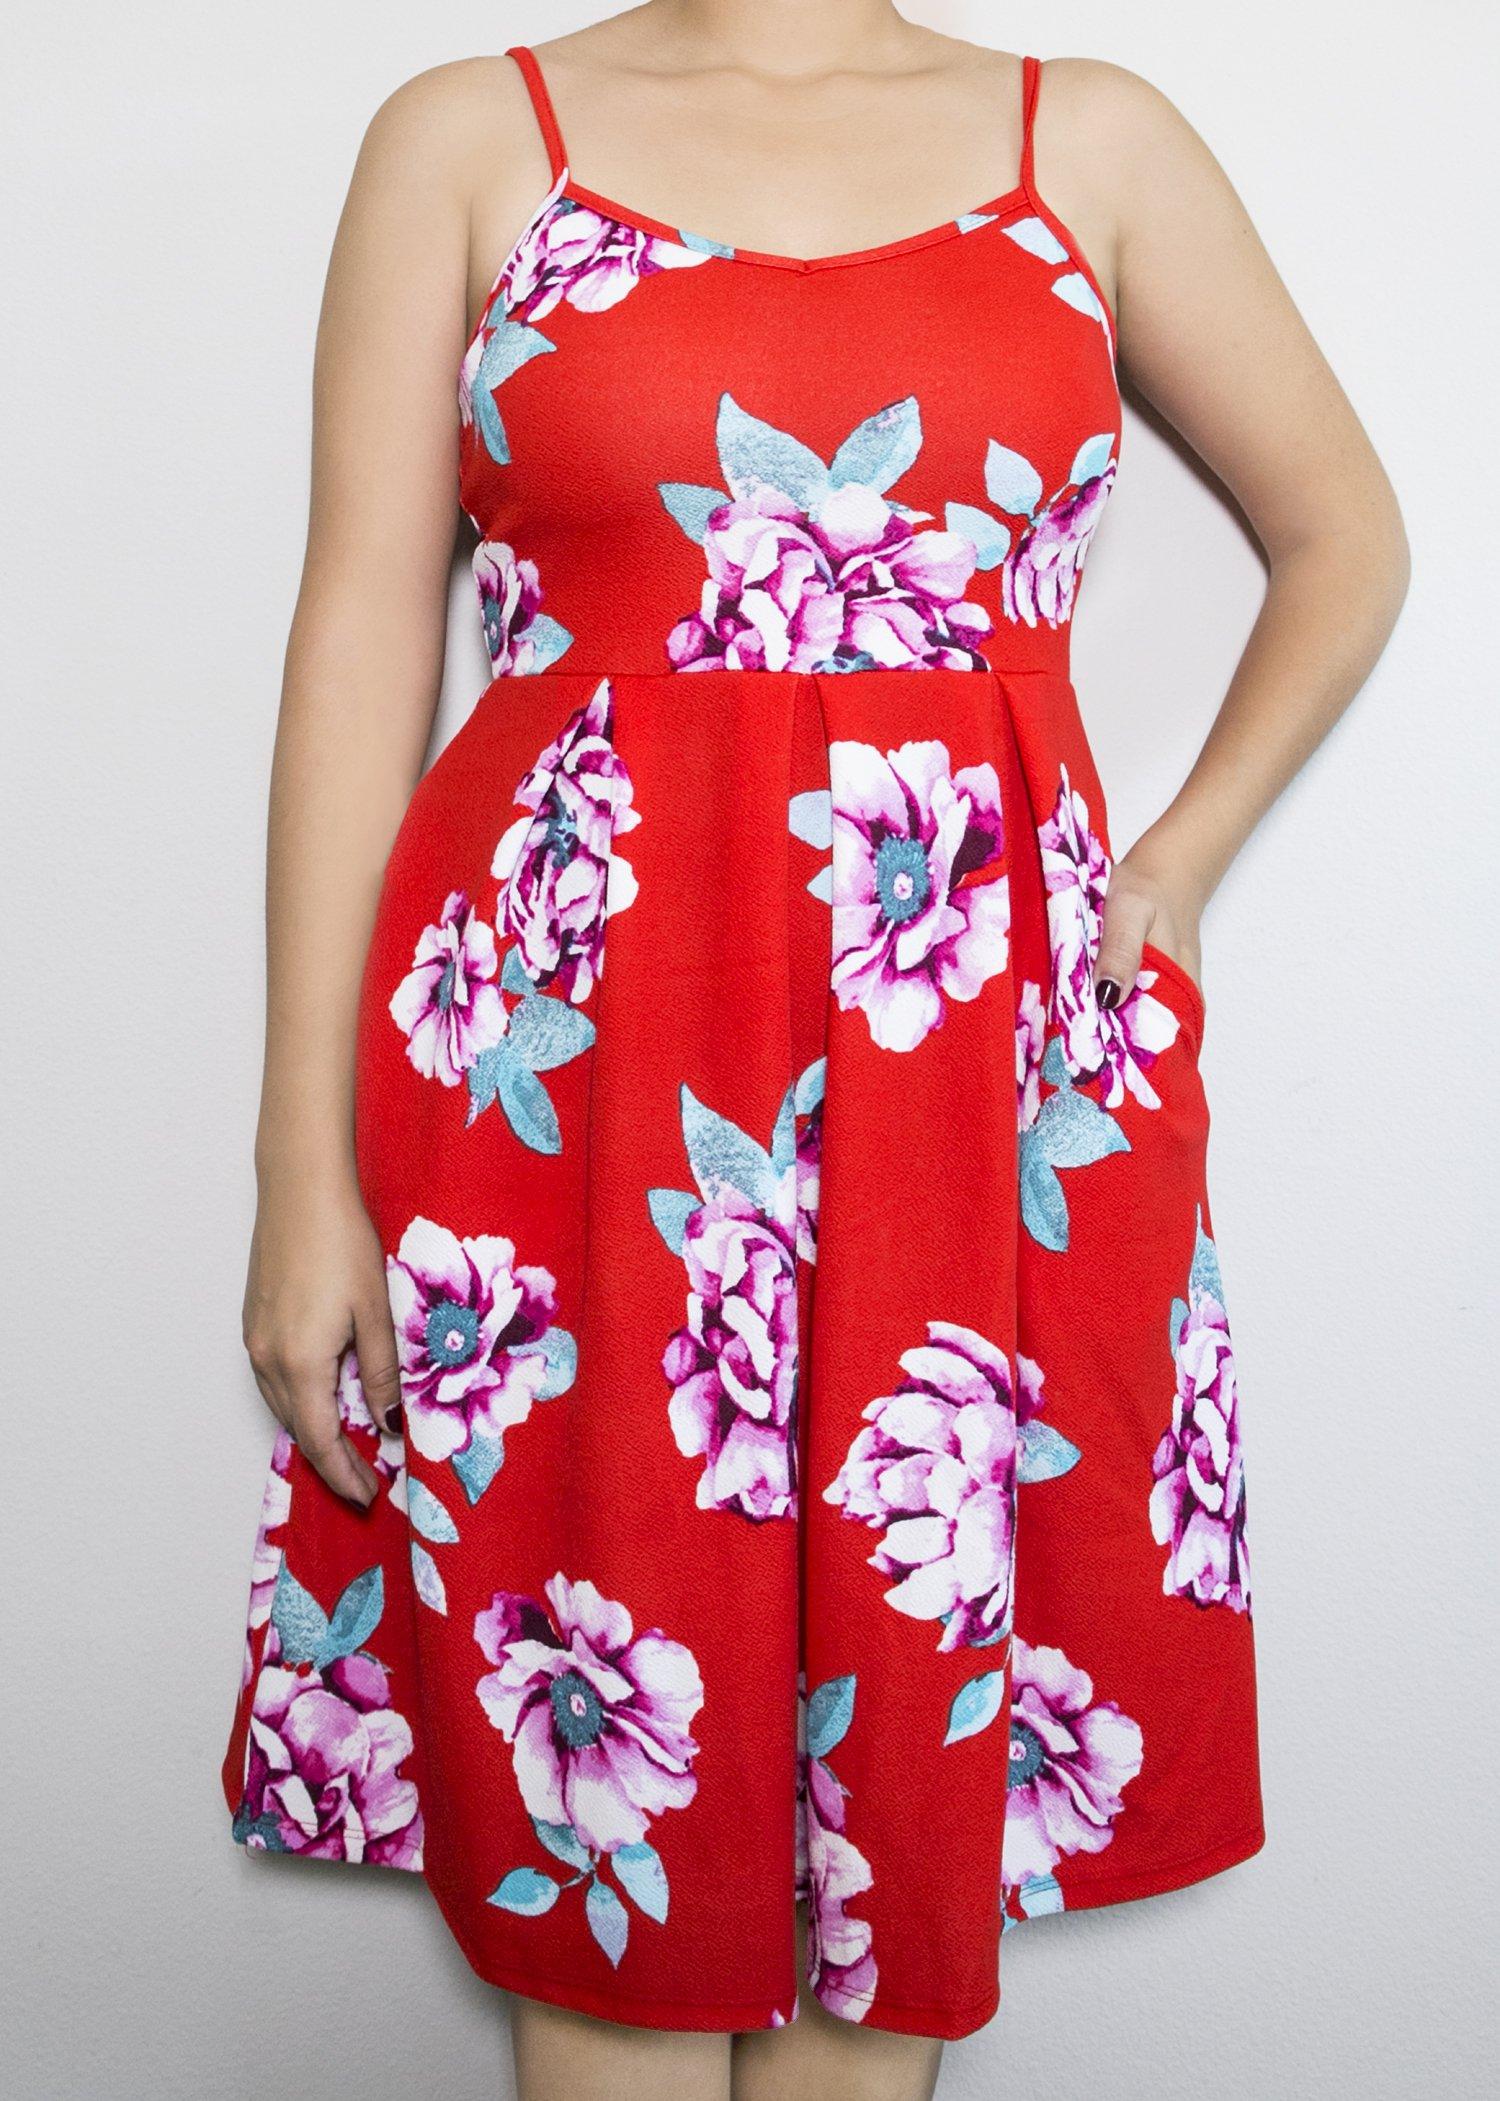 Clover Dress M(6-8)